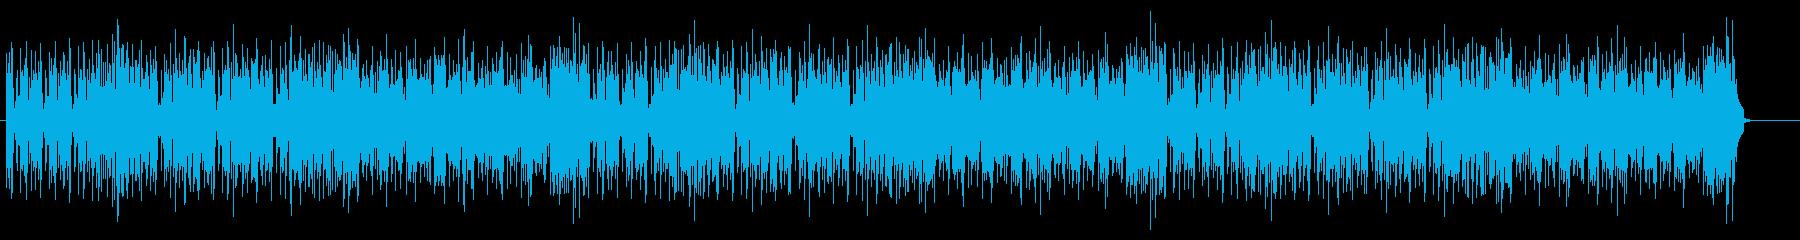 アクションゲームを想定して作りました。の再生済みの波形